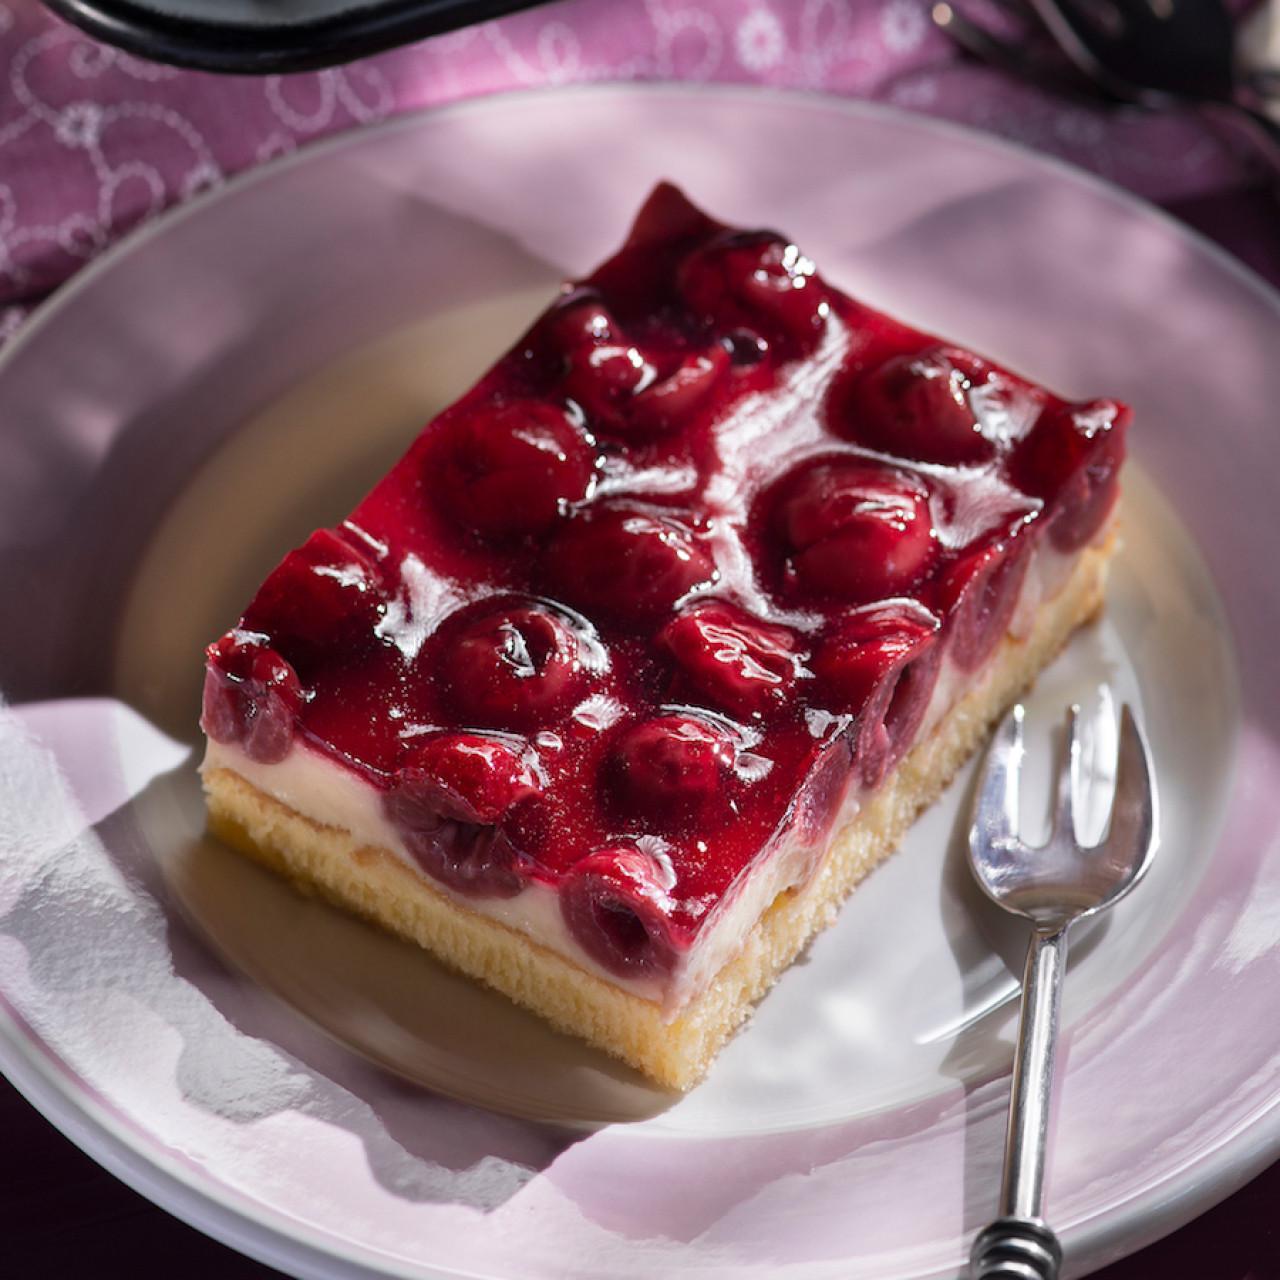 Süßkirschen Kuchen  Kirsch Schmand Kuchen vom Blech rezepte Wochenblatt